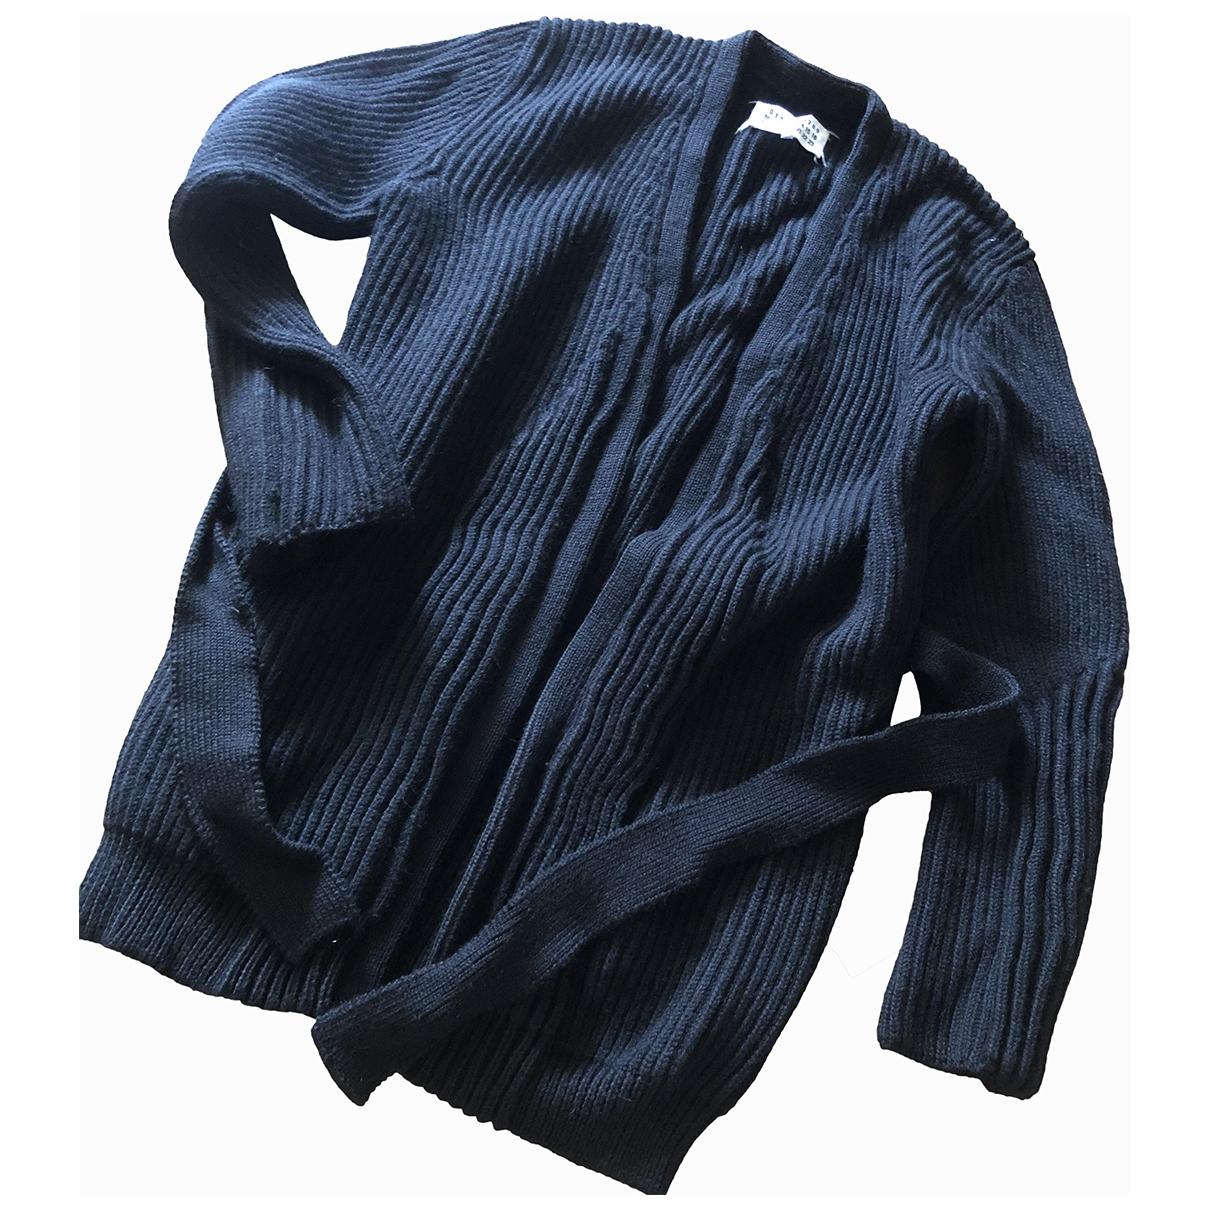 Maison Martin Margiela \N Black Wool Knitwear for Women S International